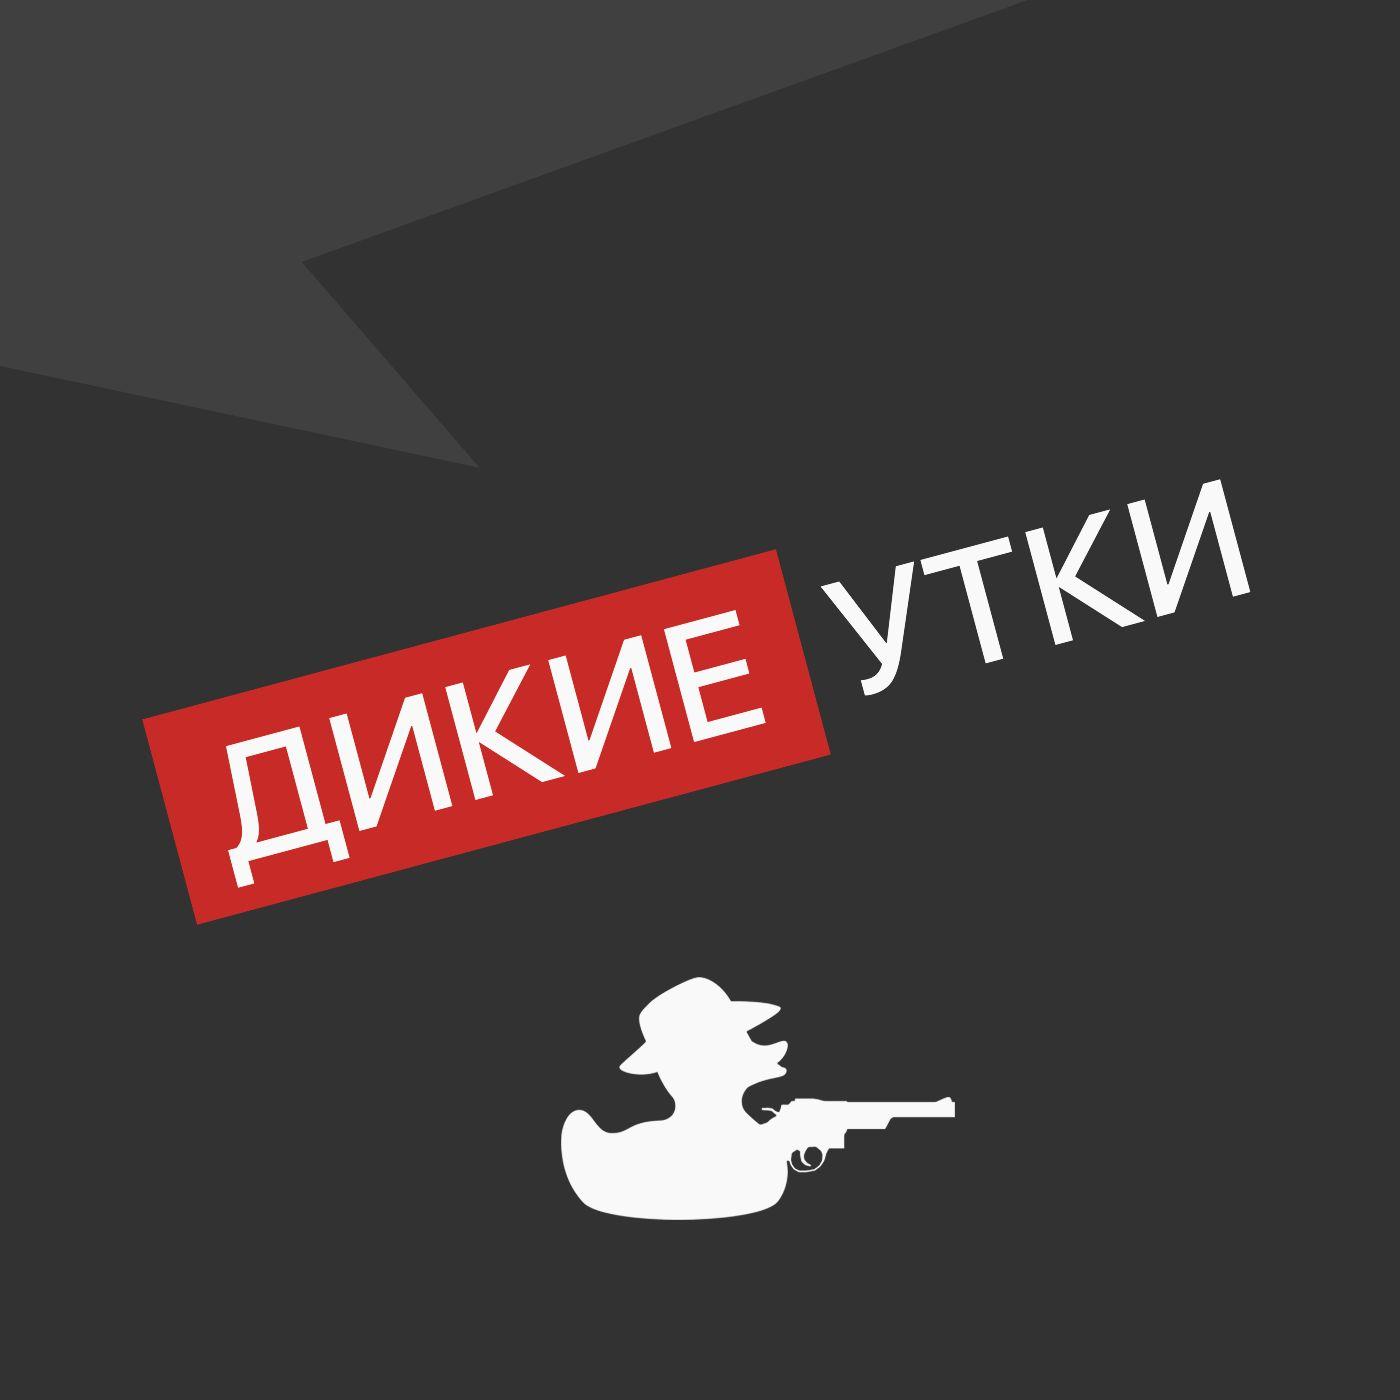 Творческий коллектив Mojomedia Выпуск № 23 творческий коллектив mojomedia владелец квесткомнаты